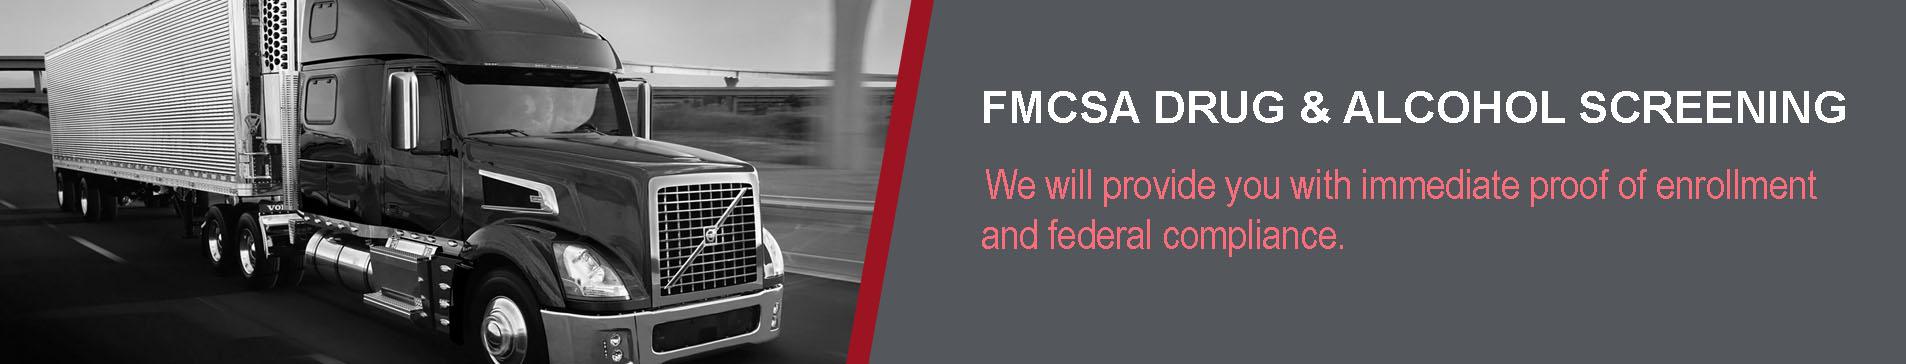 FMCSA header